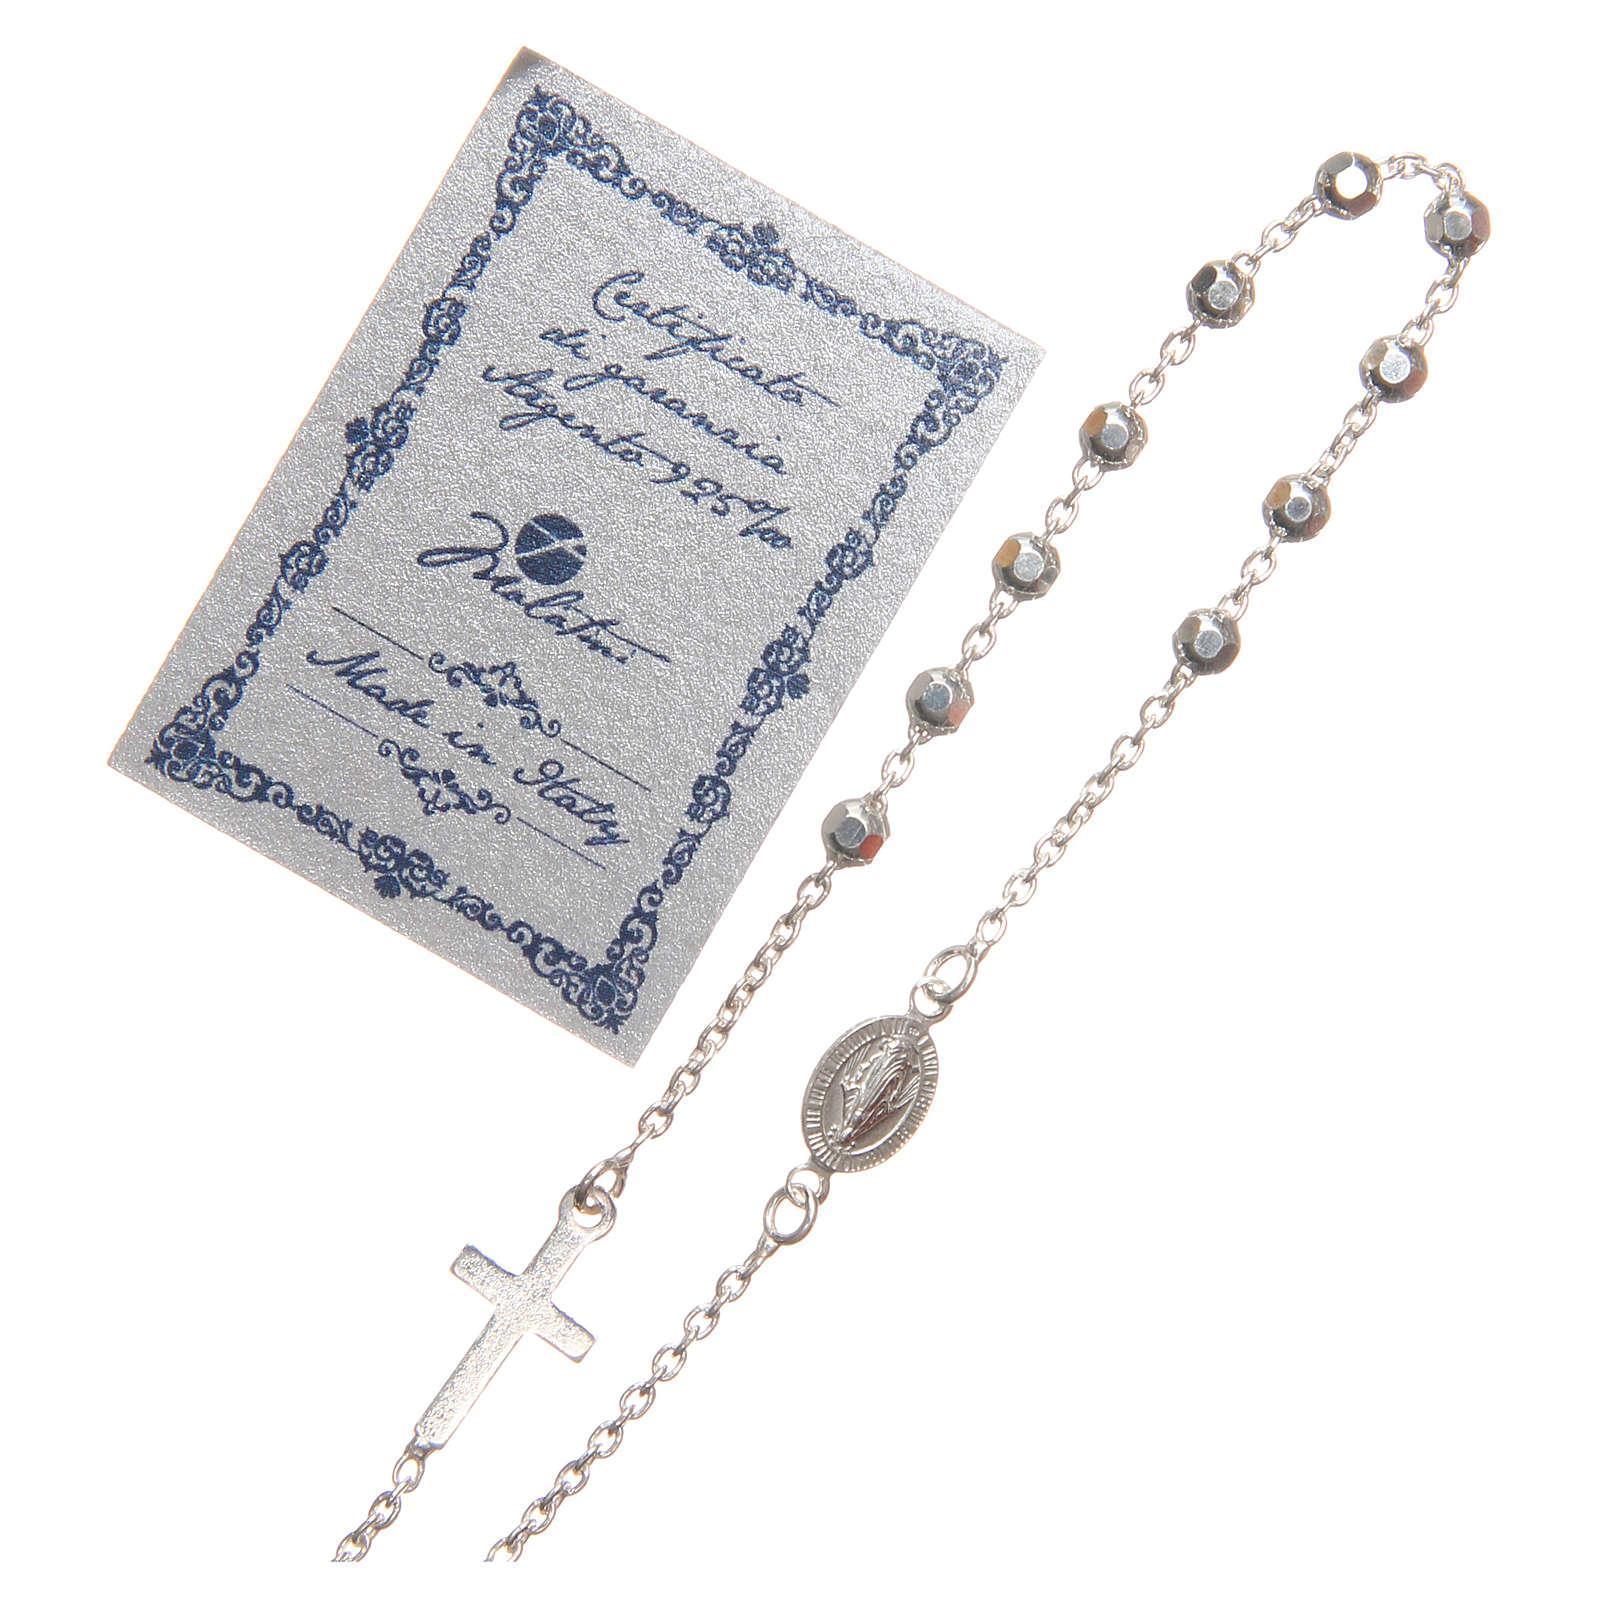 Bracciale argento 925 grani 3 mm 4